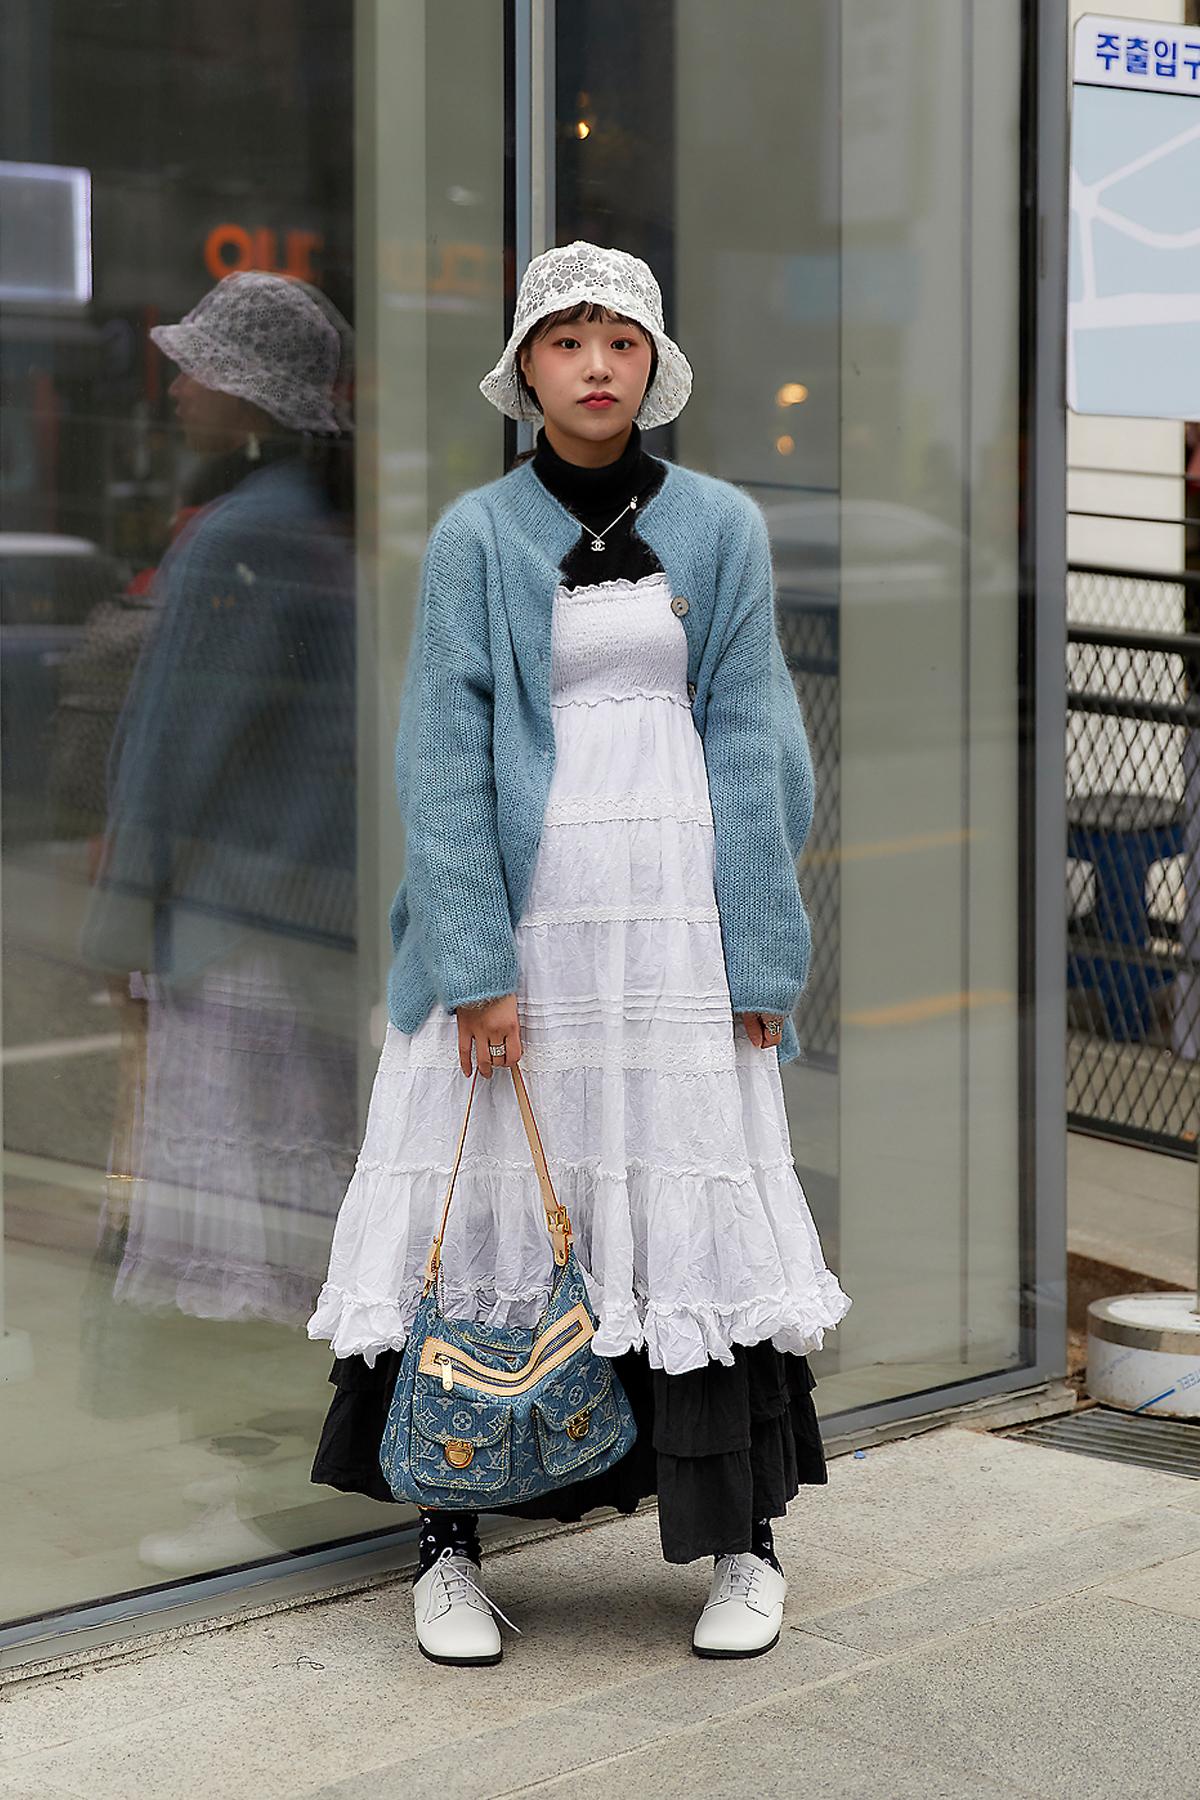 February 2020 Women's Streetwear Style in Seoul